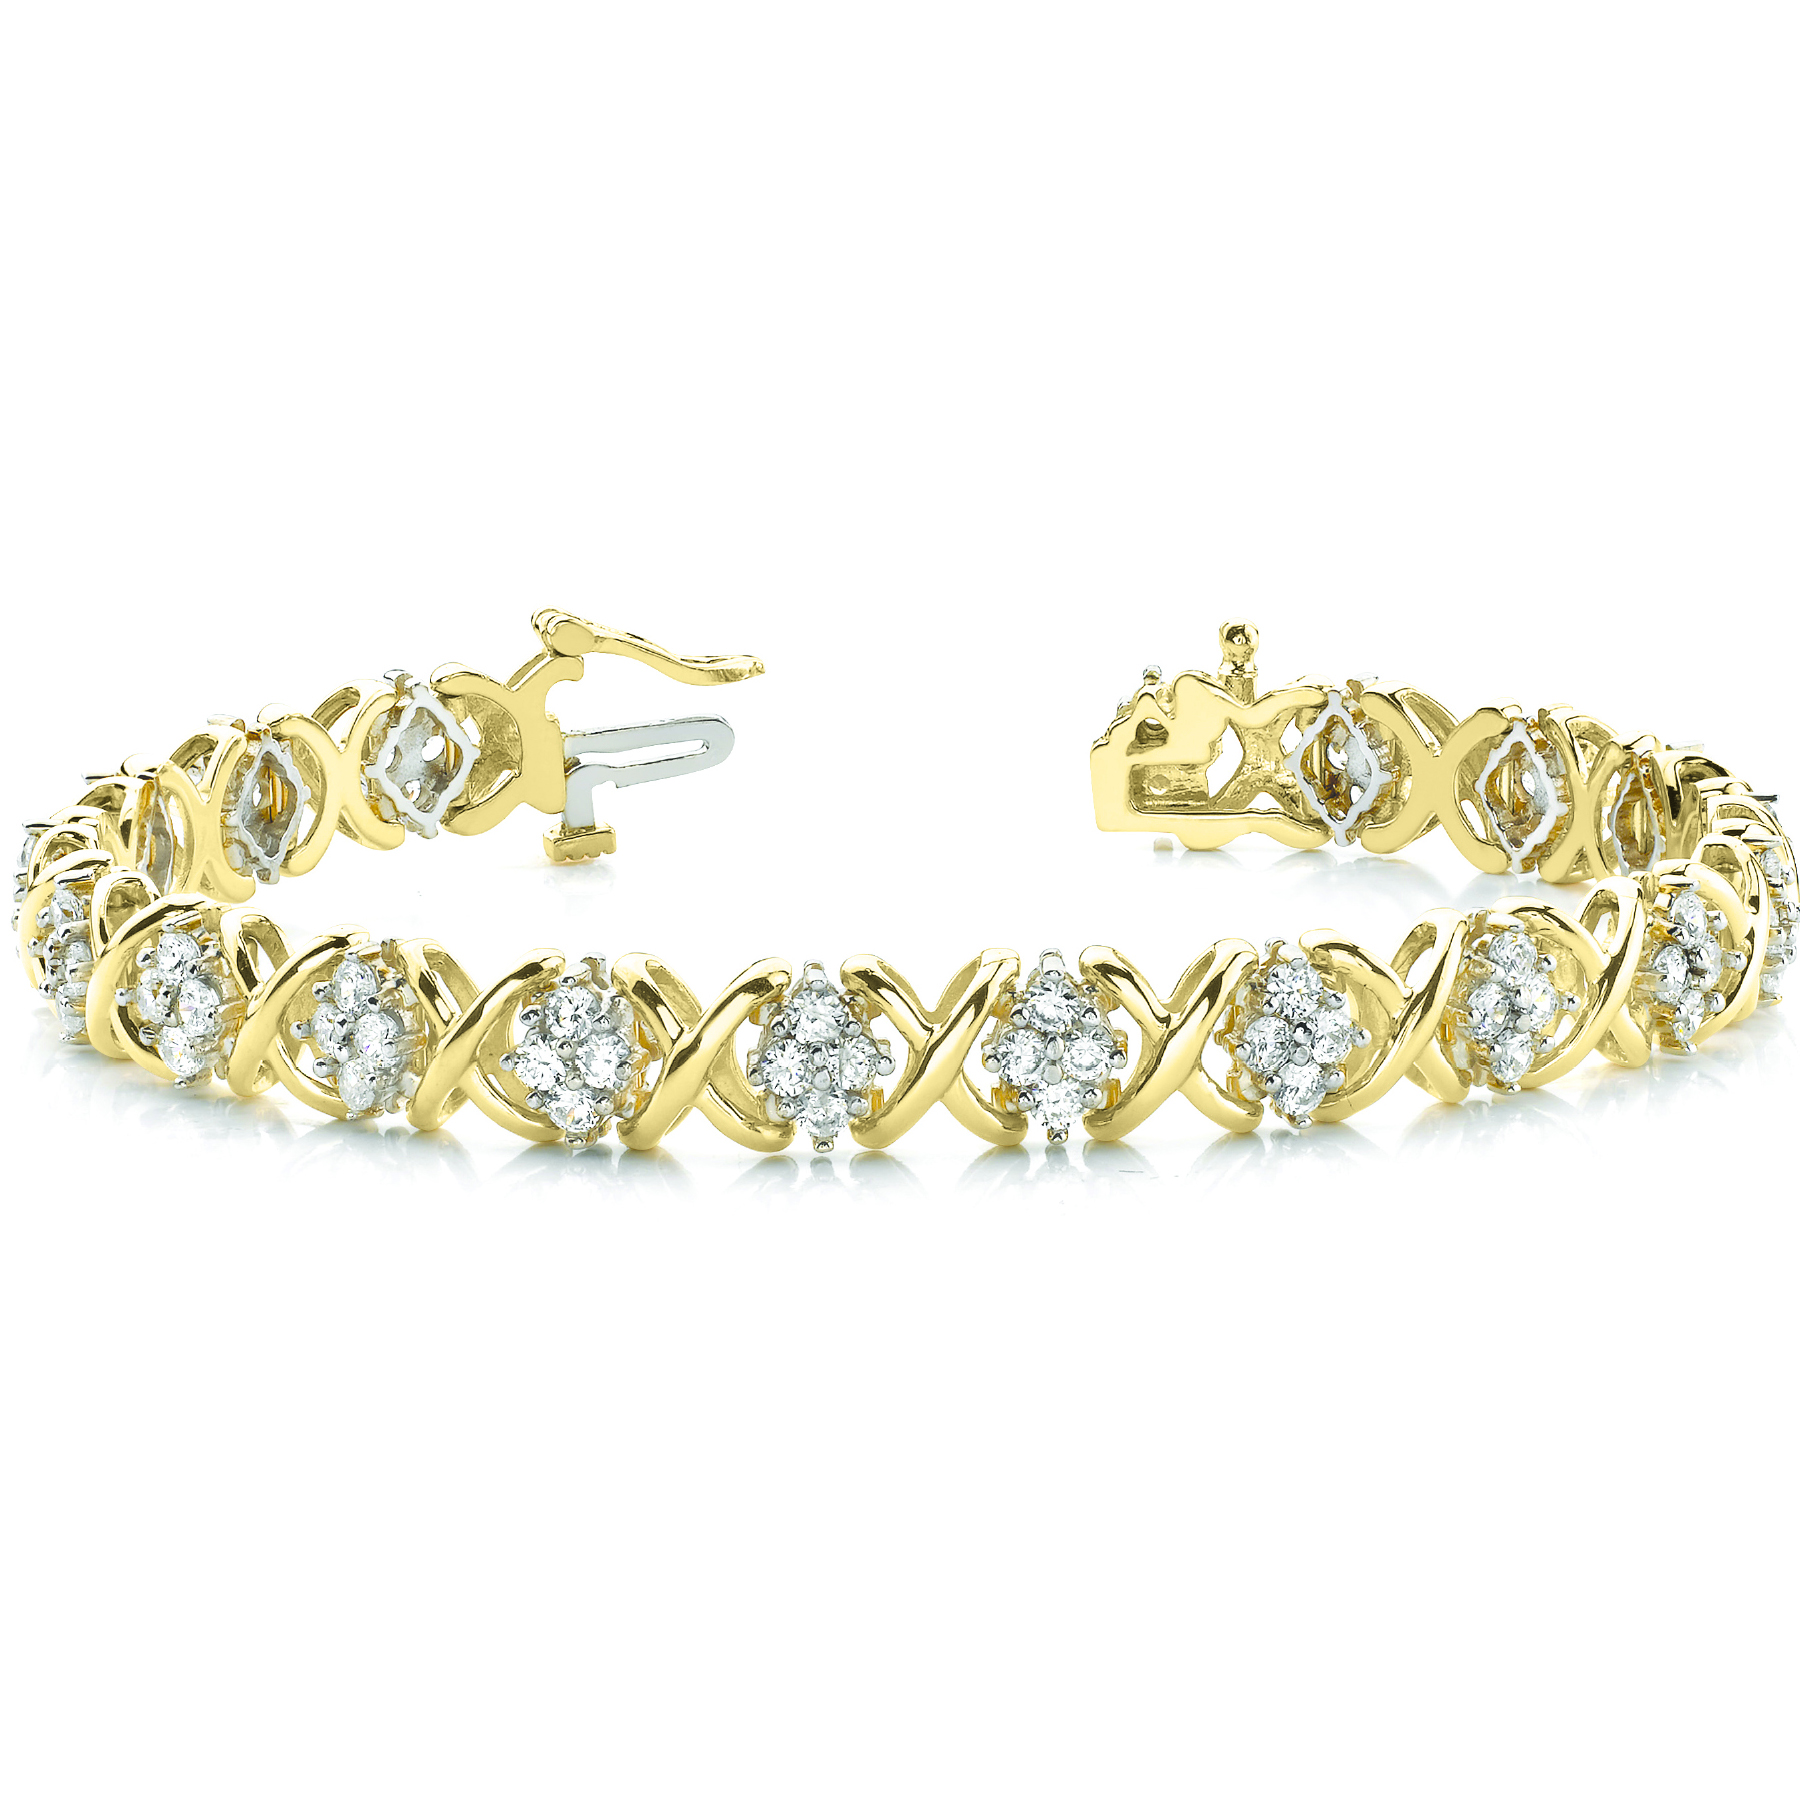 14k-yellow-gold-fashion-diamond-bracelet-70014-1